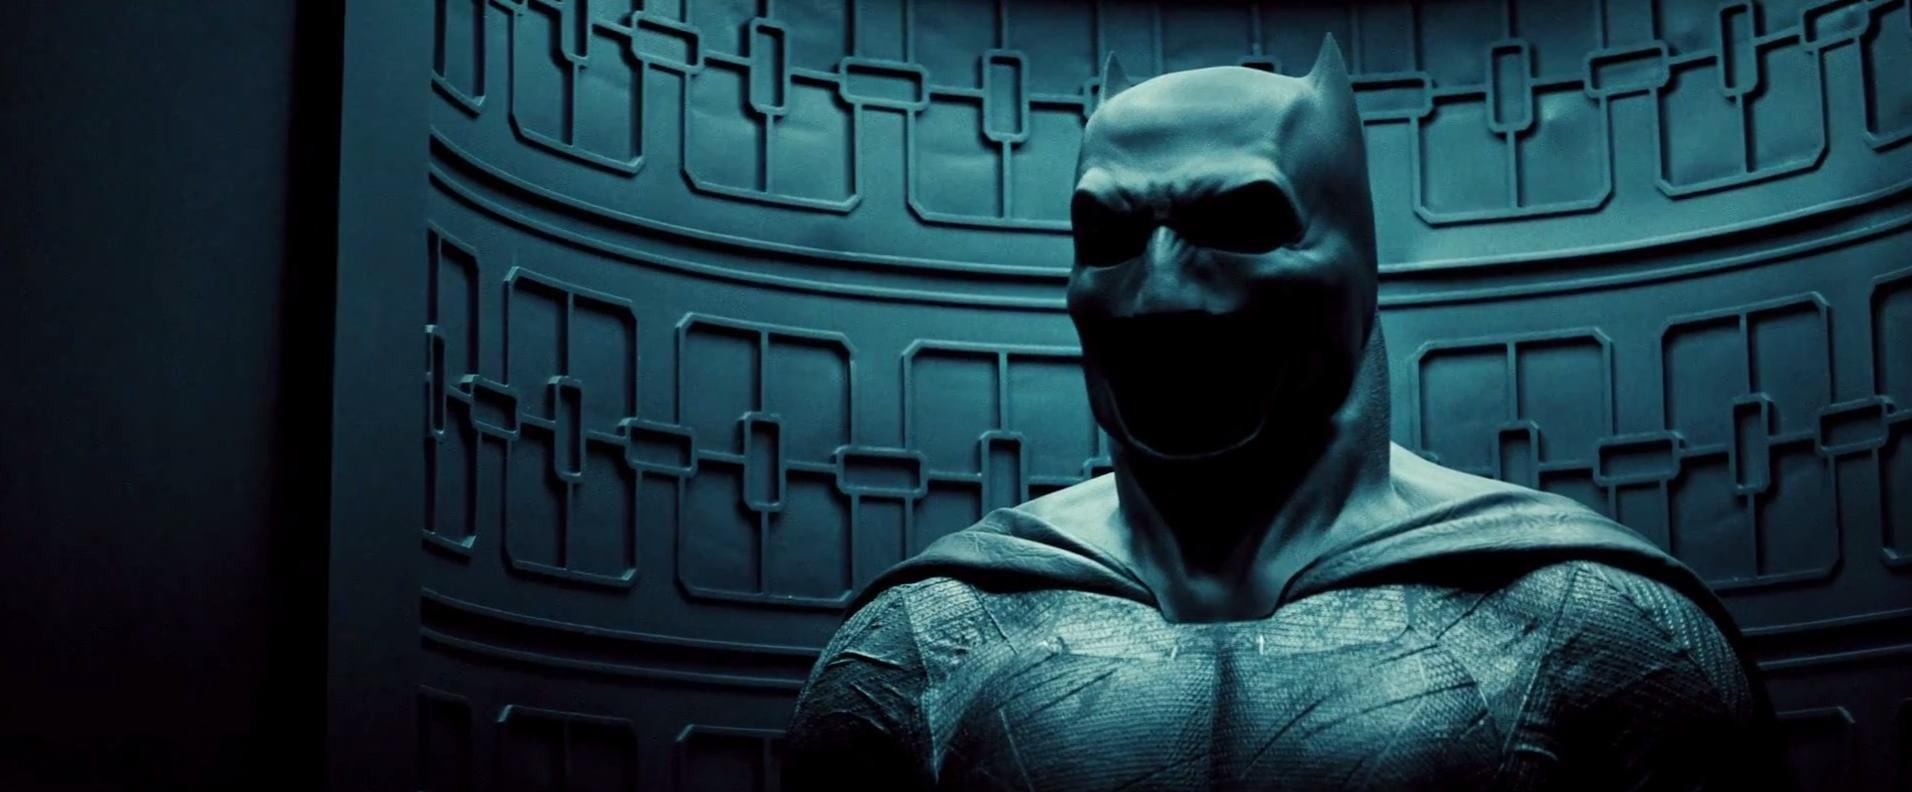 Check Out 25 Hi Res Screengrabs From The Epic Batman V Superman Trailer Batman Vs Superman Batman V Superman Dawn Of Justice Batman V